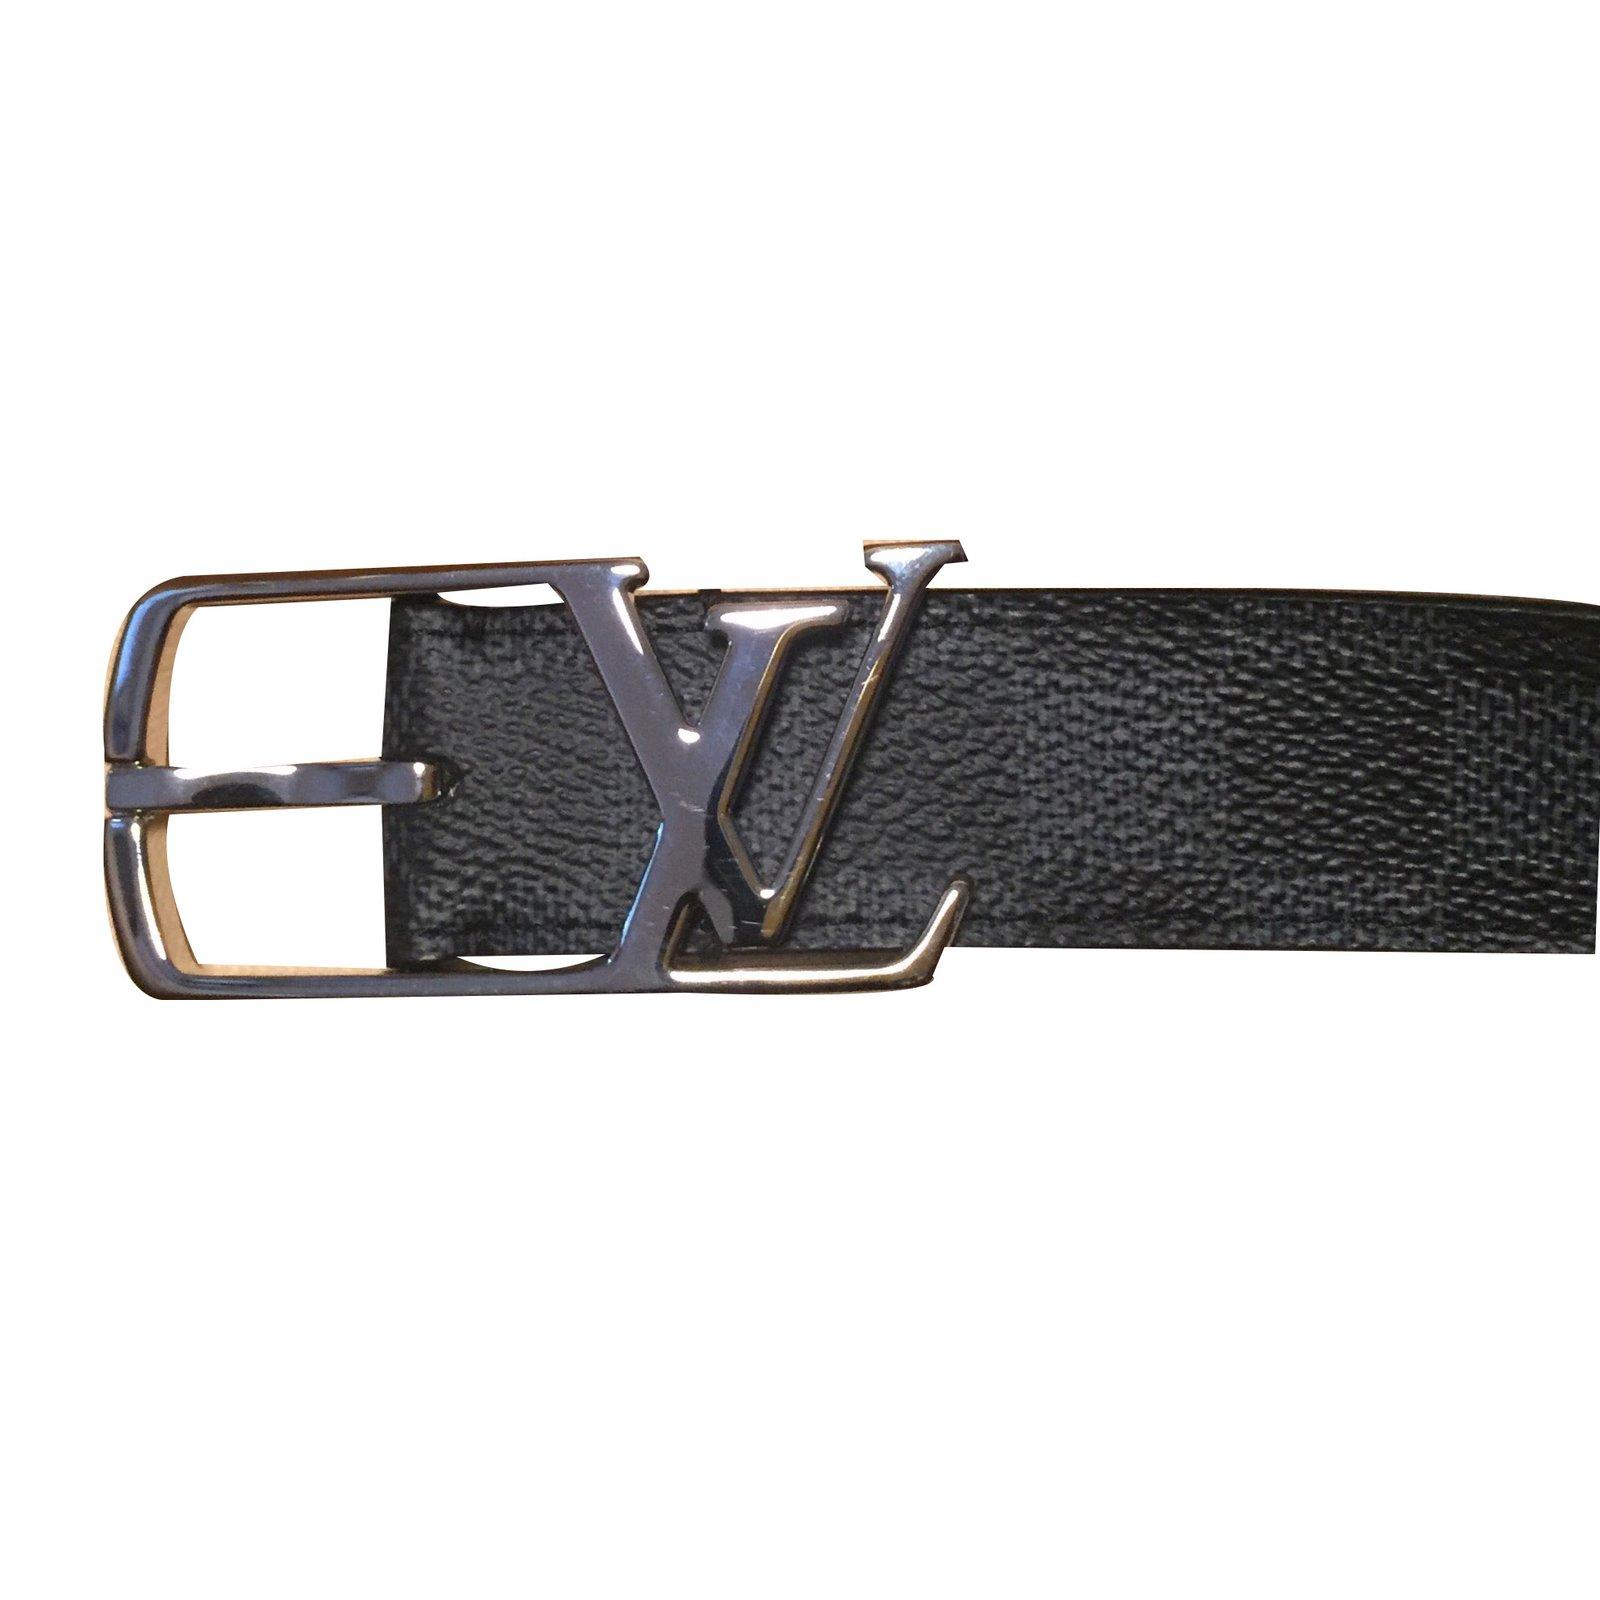 Ceintures homme Louis Vuitton Ceinture Cuir Noir ref.49650 - Joli Closet 4c0e8fd1788